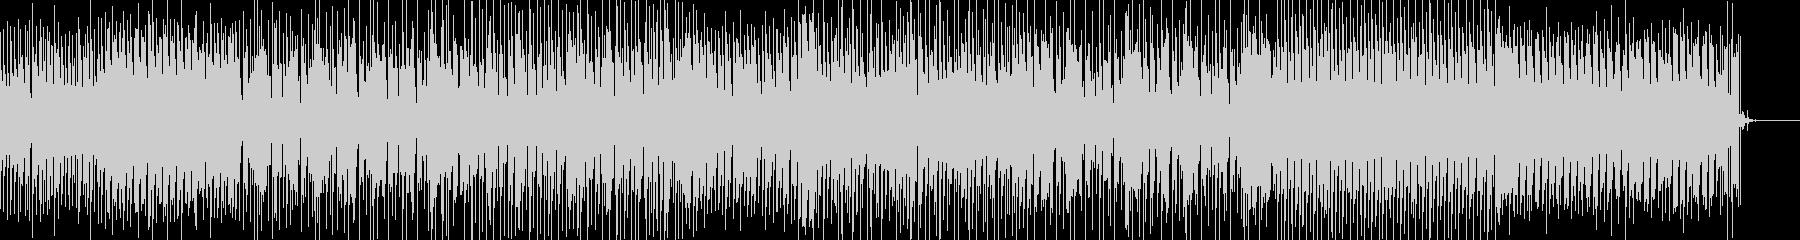 オリエンタルな響きのダブステップBGMの未再生の波形